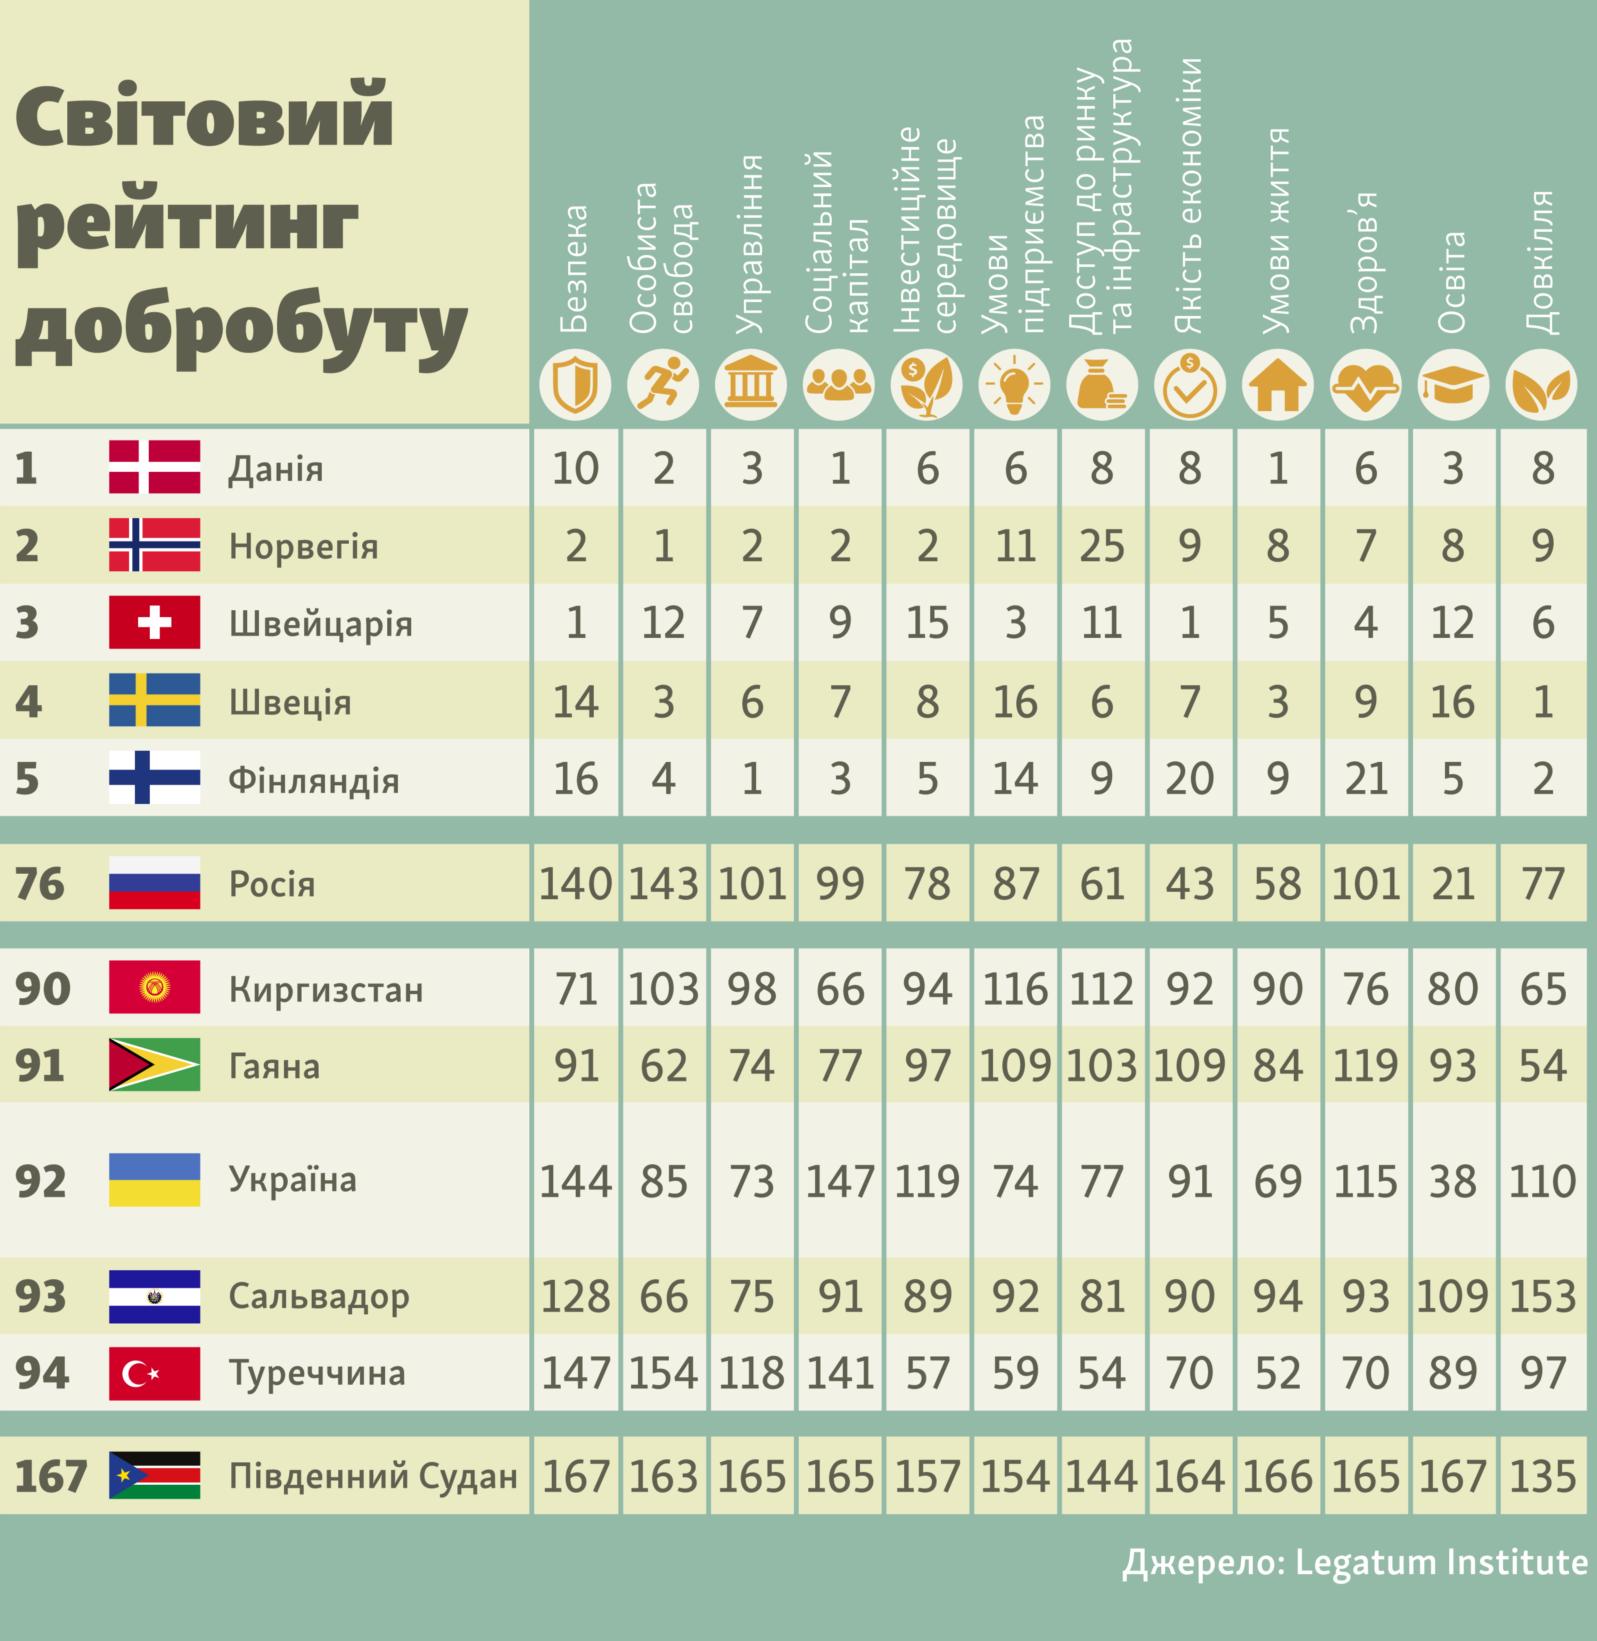 Причиной этого указывается война на Донбассе, которая существенно снижает рейтинг безопасности